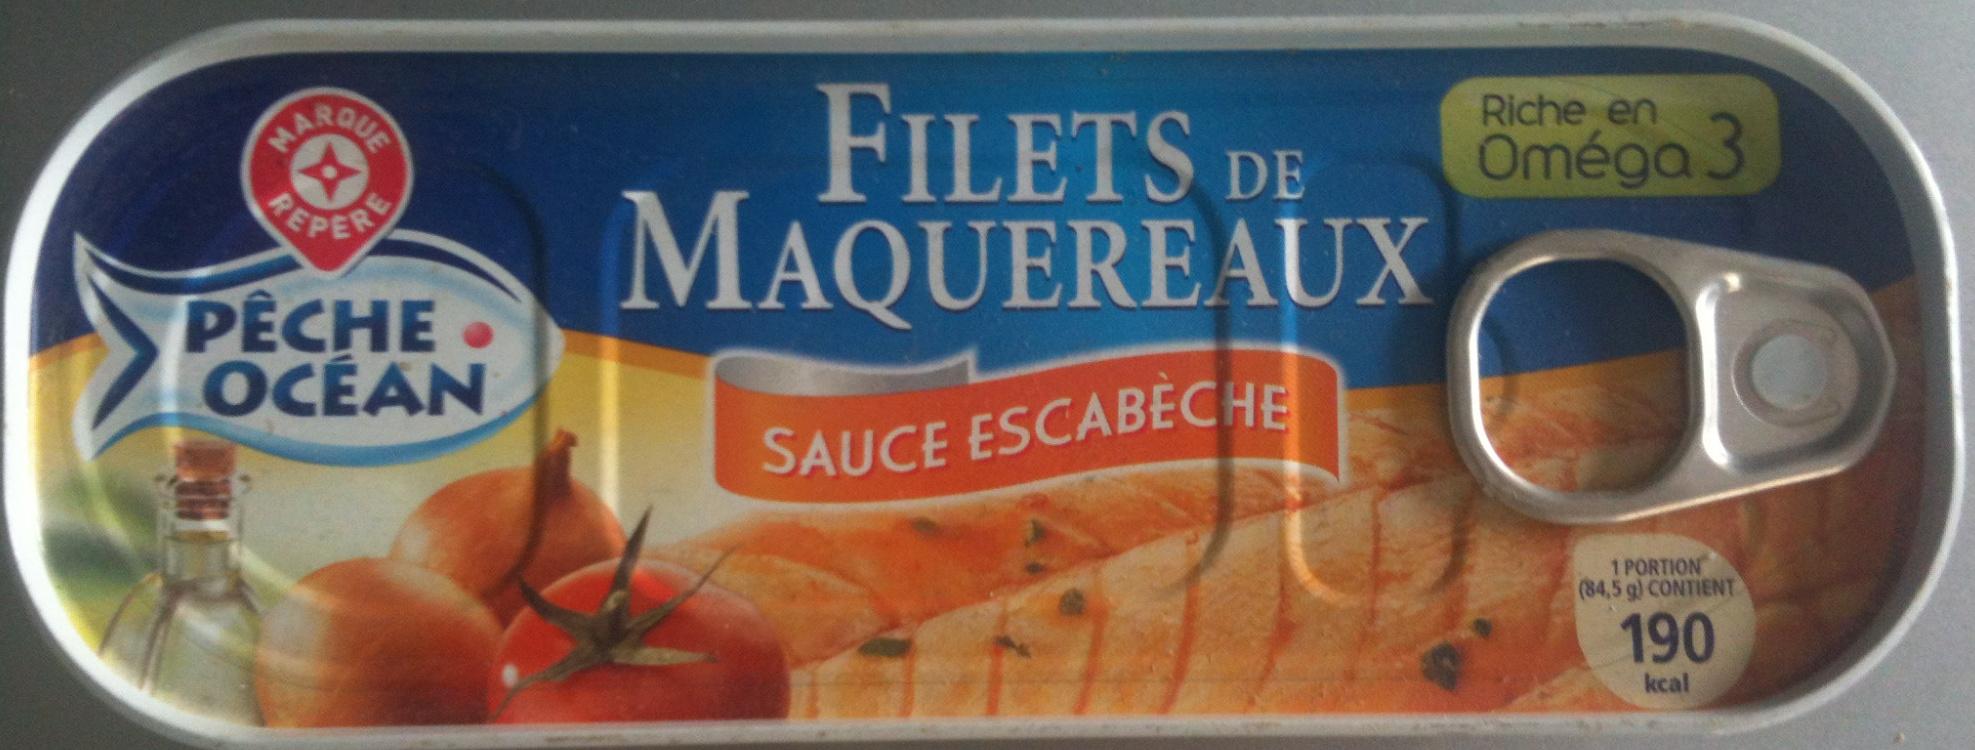 filets de maquereaux sauce escab che p che oc an 169. Black Bedroom Furniture Sets. Home Design Ideas